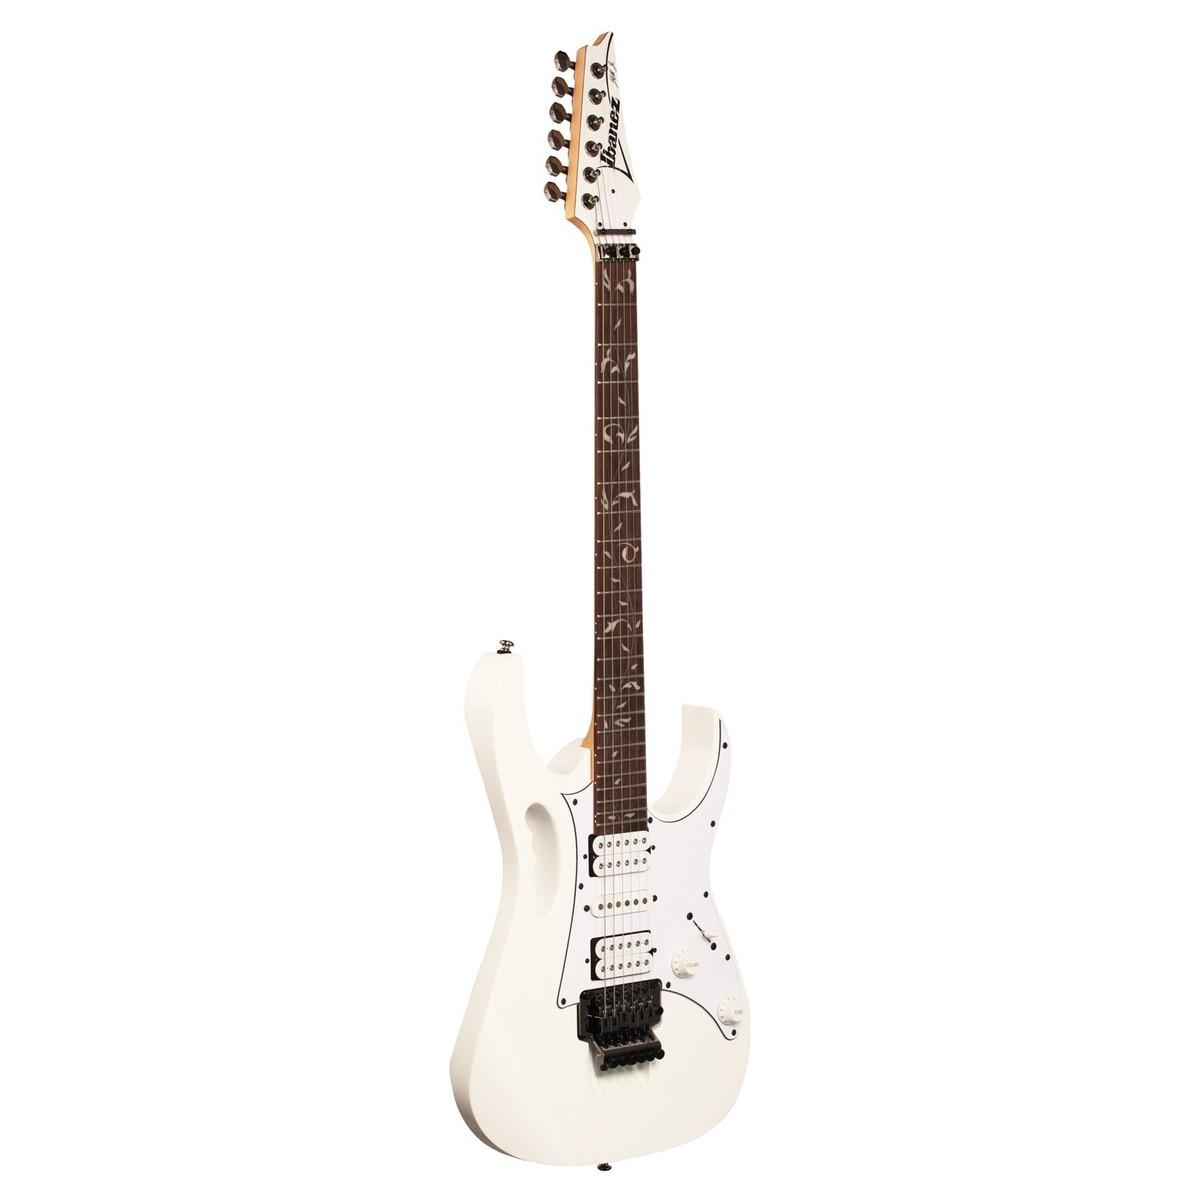 ibanez steve vai jem junior electric guitar white at. Black Bedroom Furniture Sets. Home Design Ideas